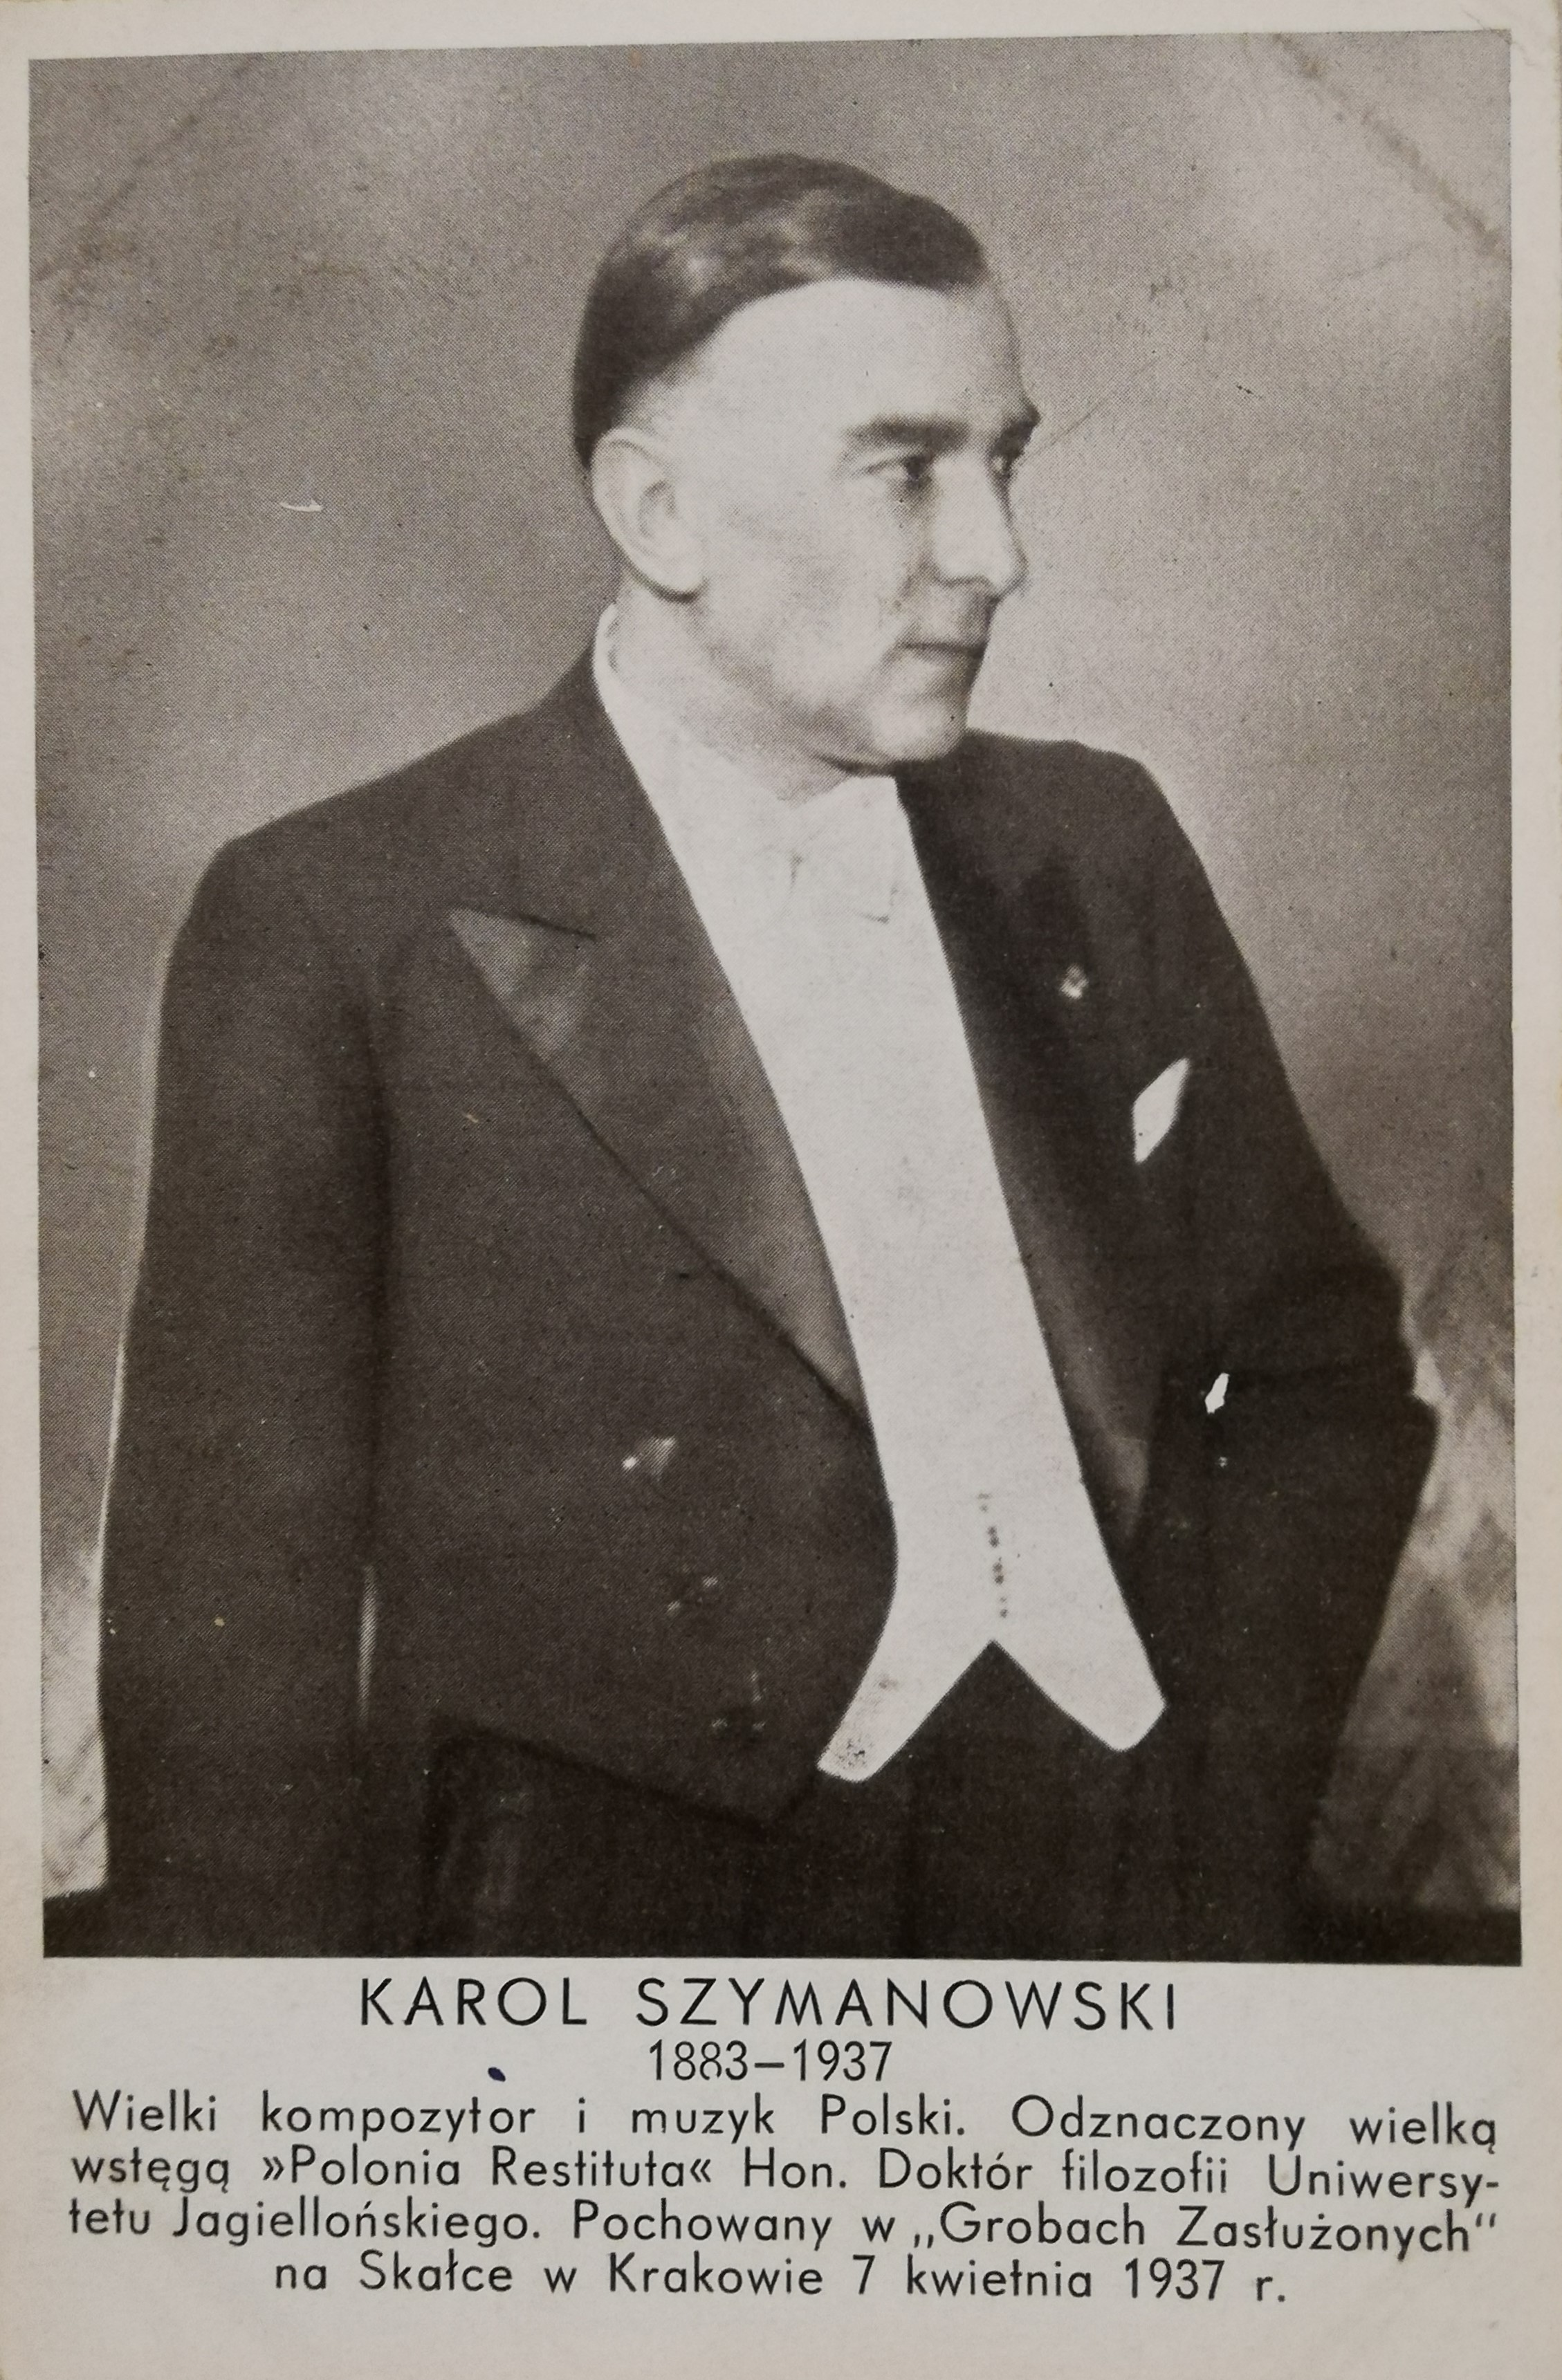 Karta pocztowa z pogrzebu Karola Szymanowskiego w Krakowie w 1937 roku